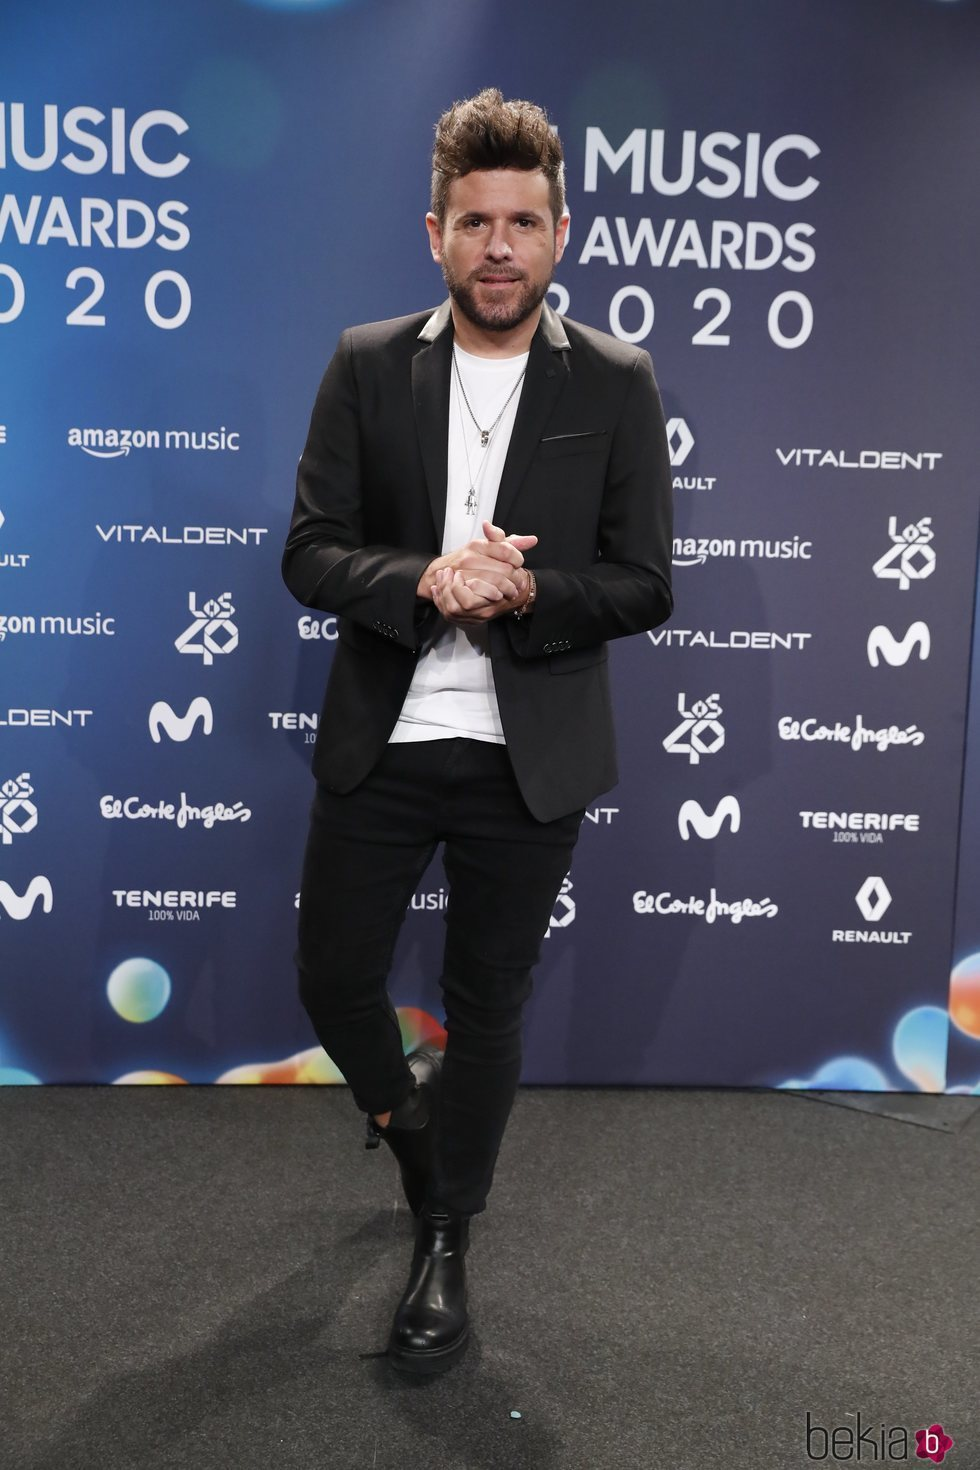 Pablo López en la entrega de Los 40 Music Awards 2020